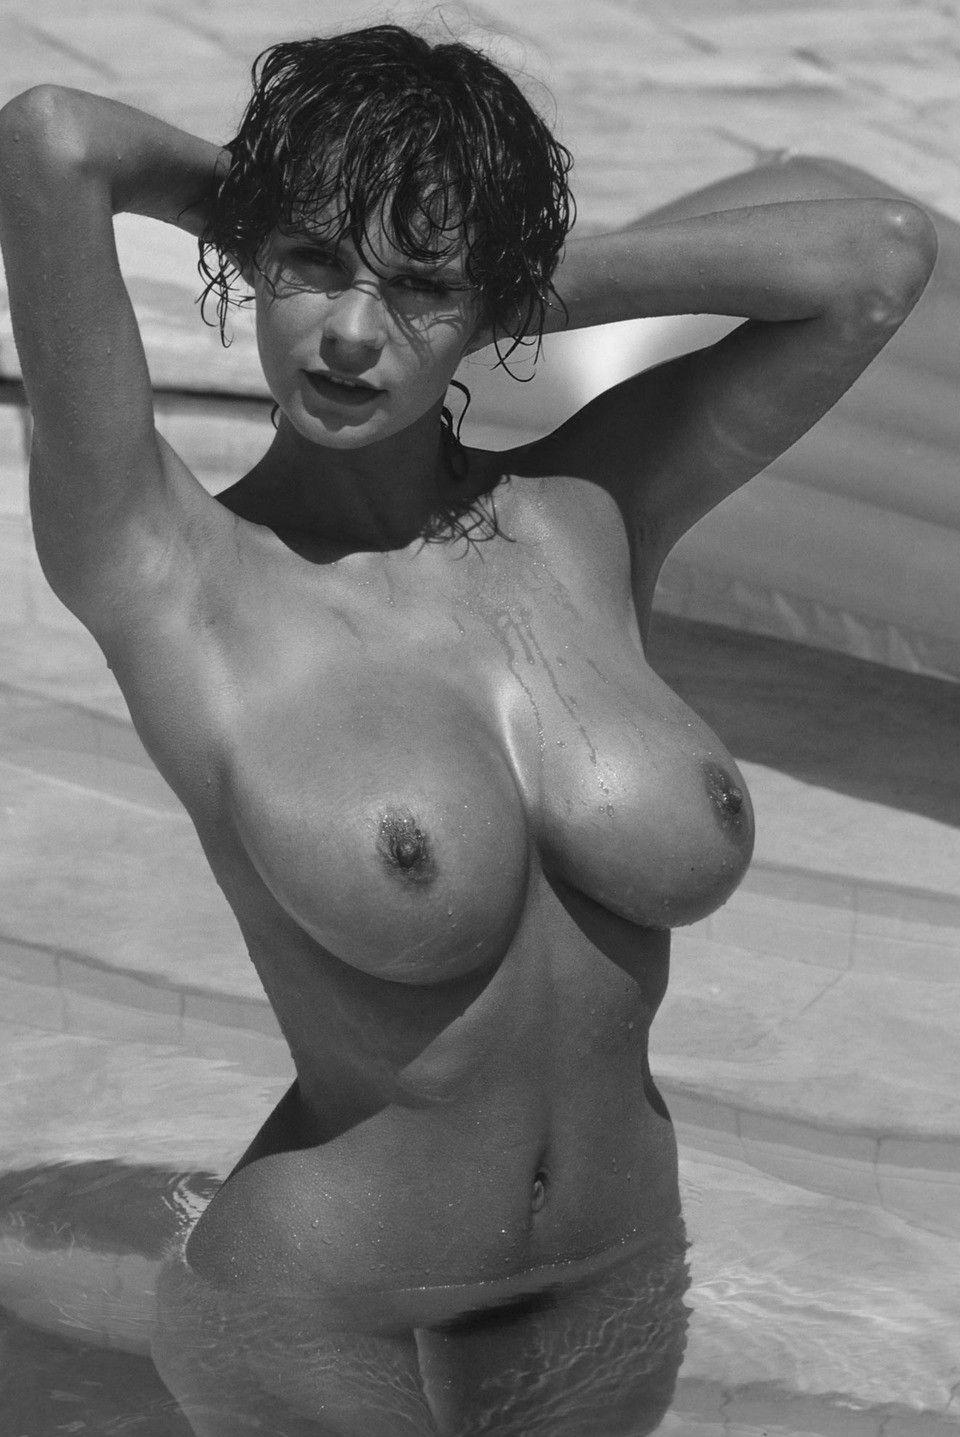 donna ewin erotic photos